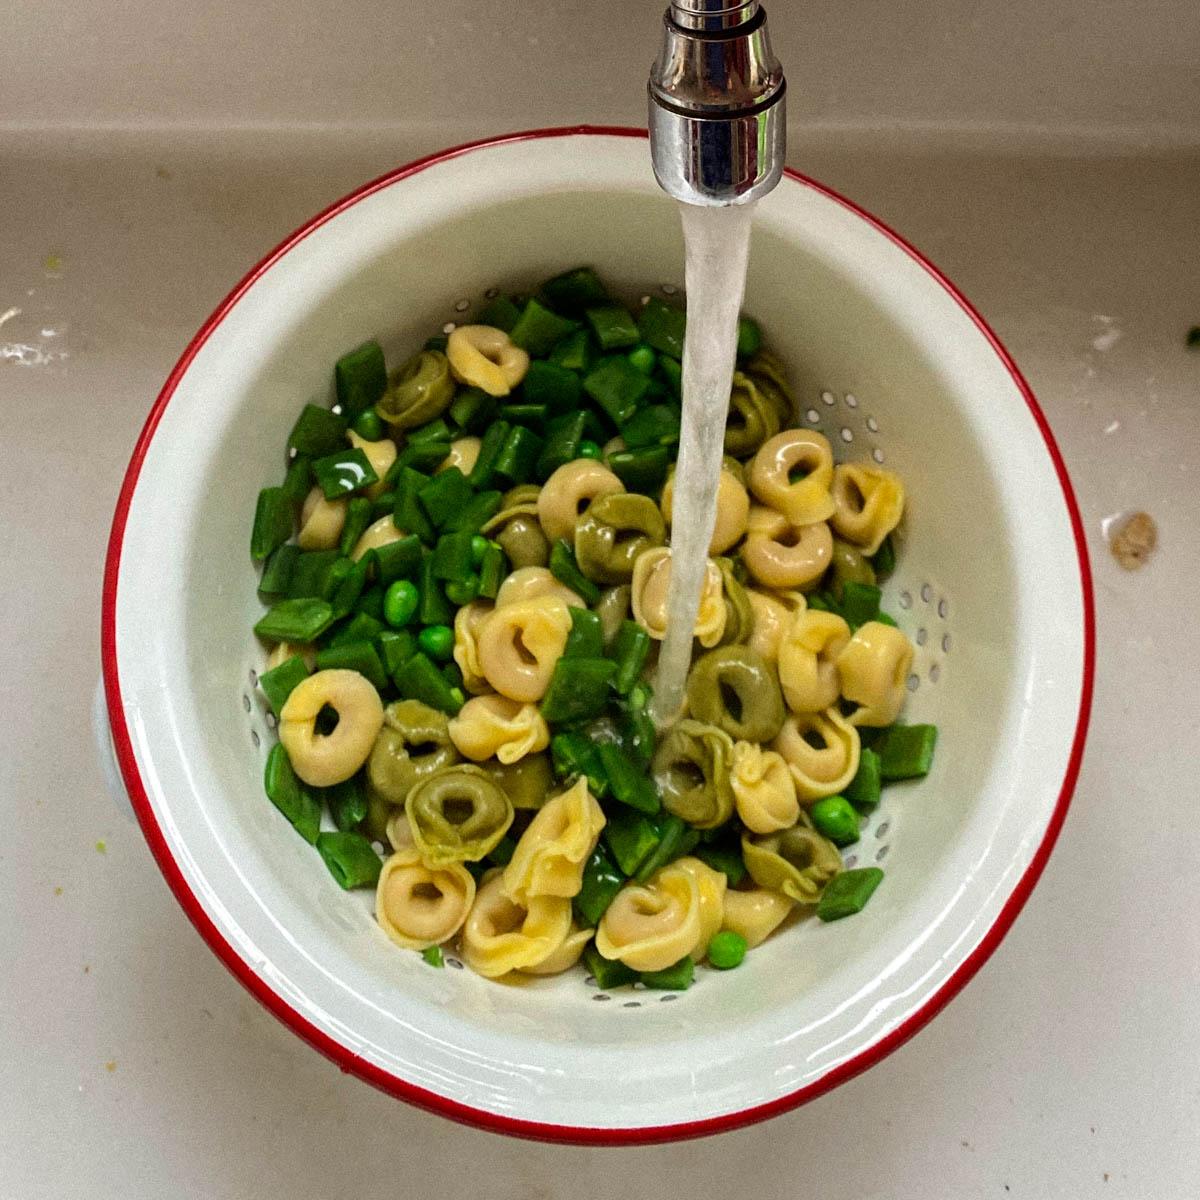 Koel de tortellini en groentes onder koud water af